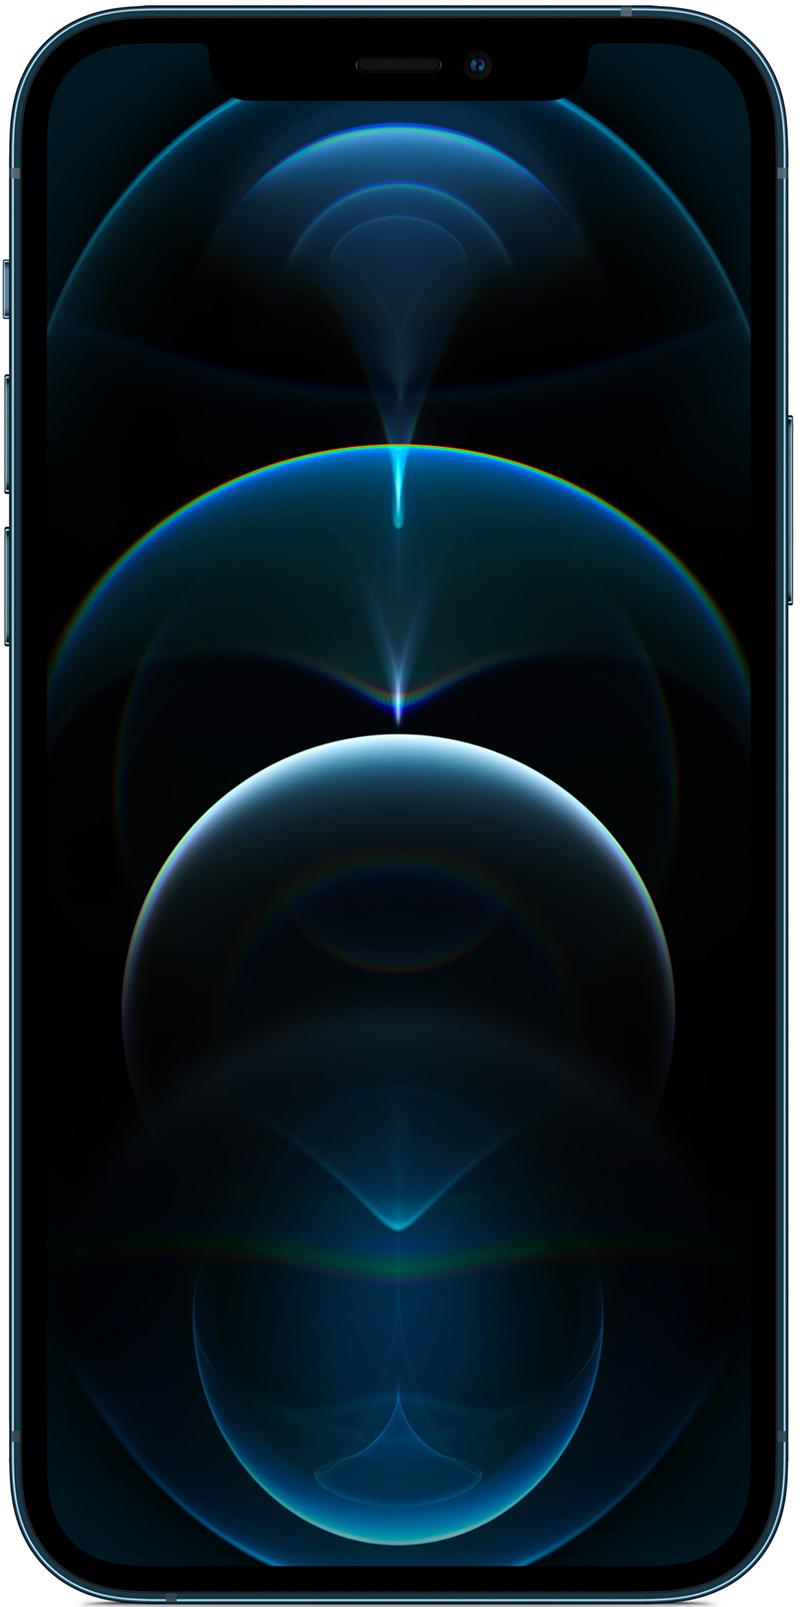 Apple iPhone 12 Pro bleu Pacifique 128Go